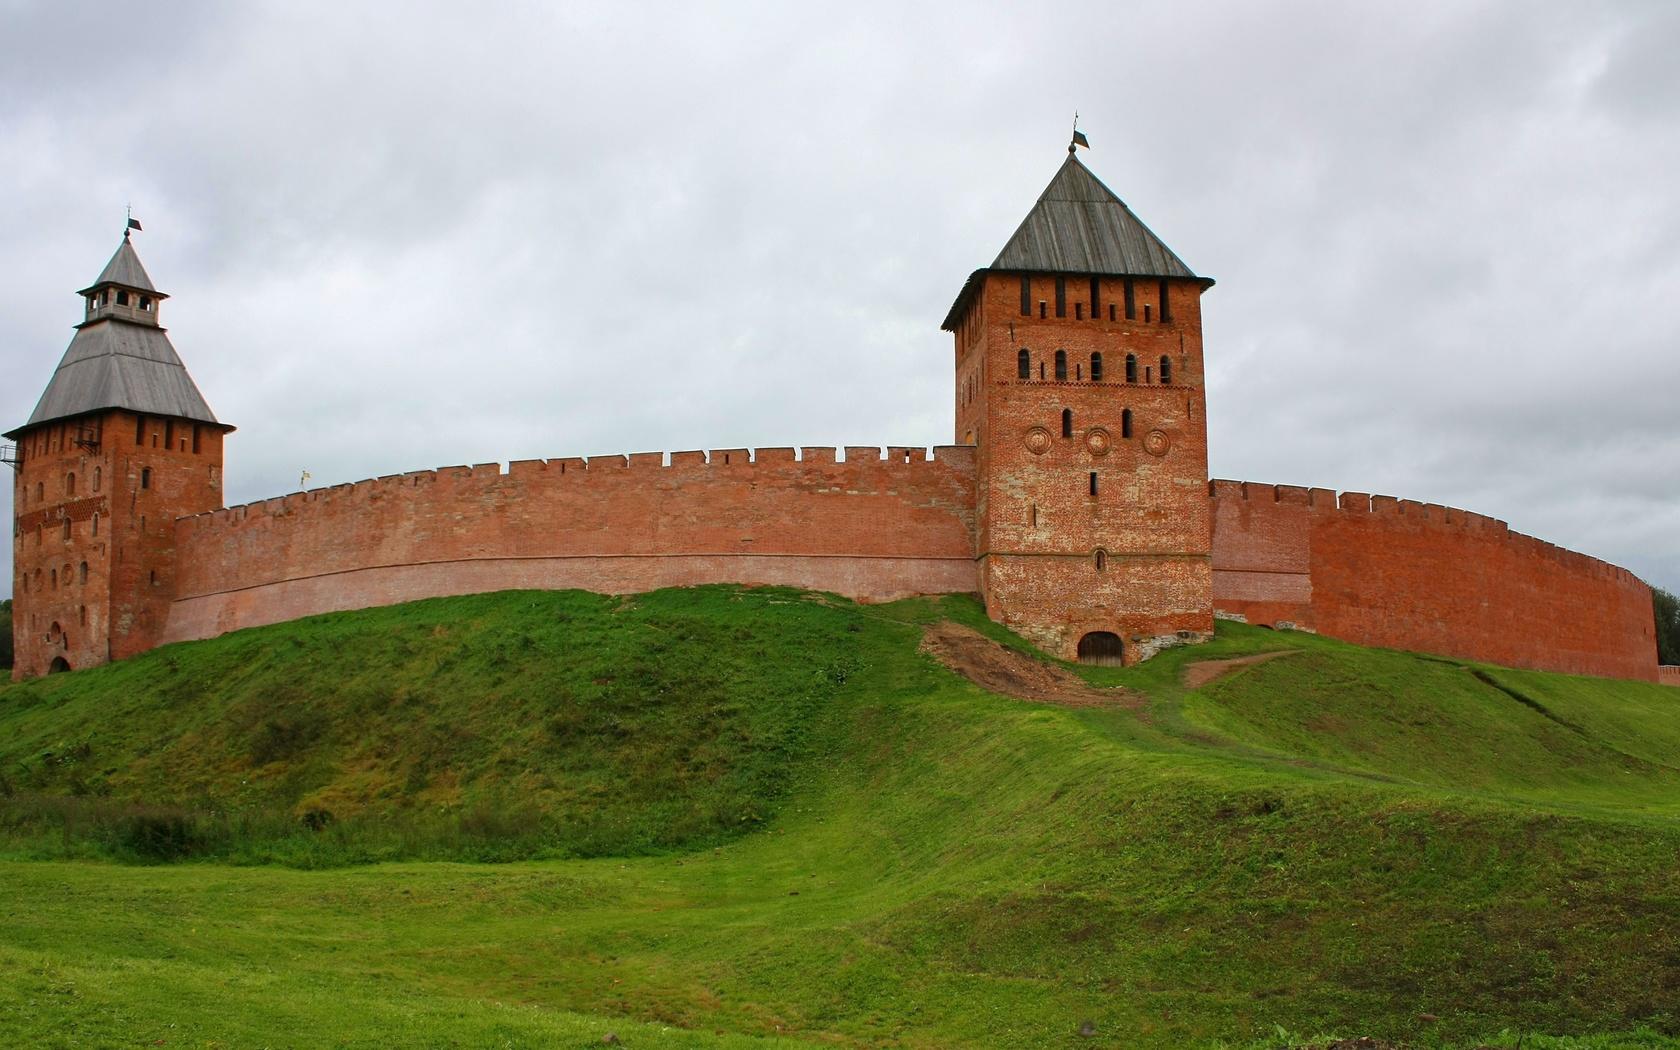 россия, великий новгород, город, древний город, кремль, детинец, башня, обои